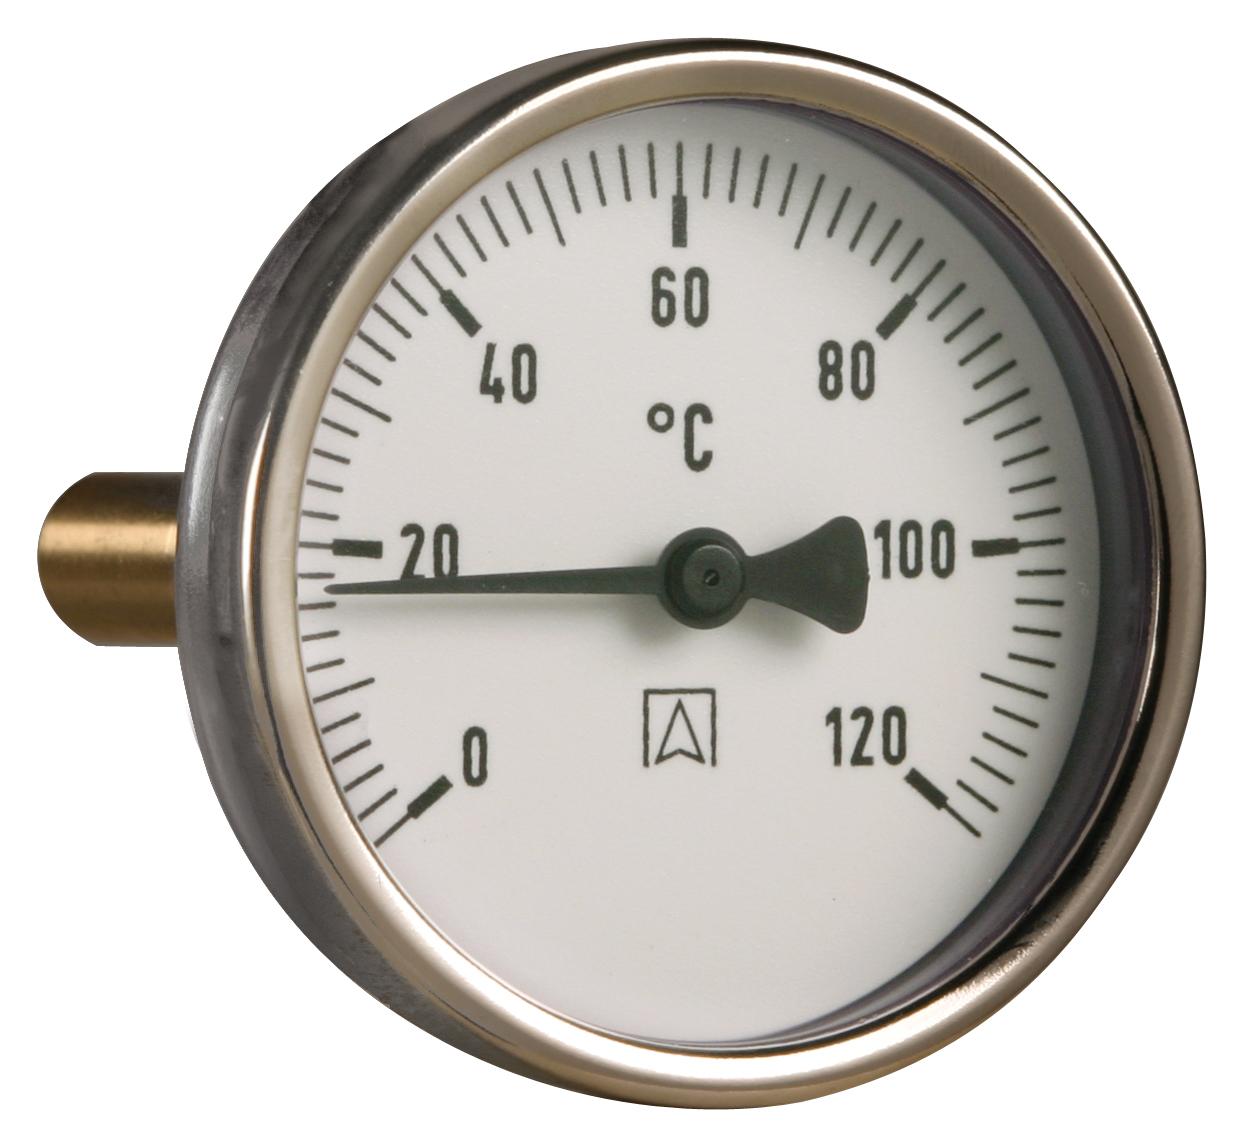 """Termometr bimetaliczny BiTh 63,fi63 mm, 0÷60°C, L 100 mm, G1/2"""" rad, kl. 2"""